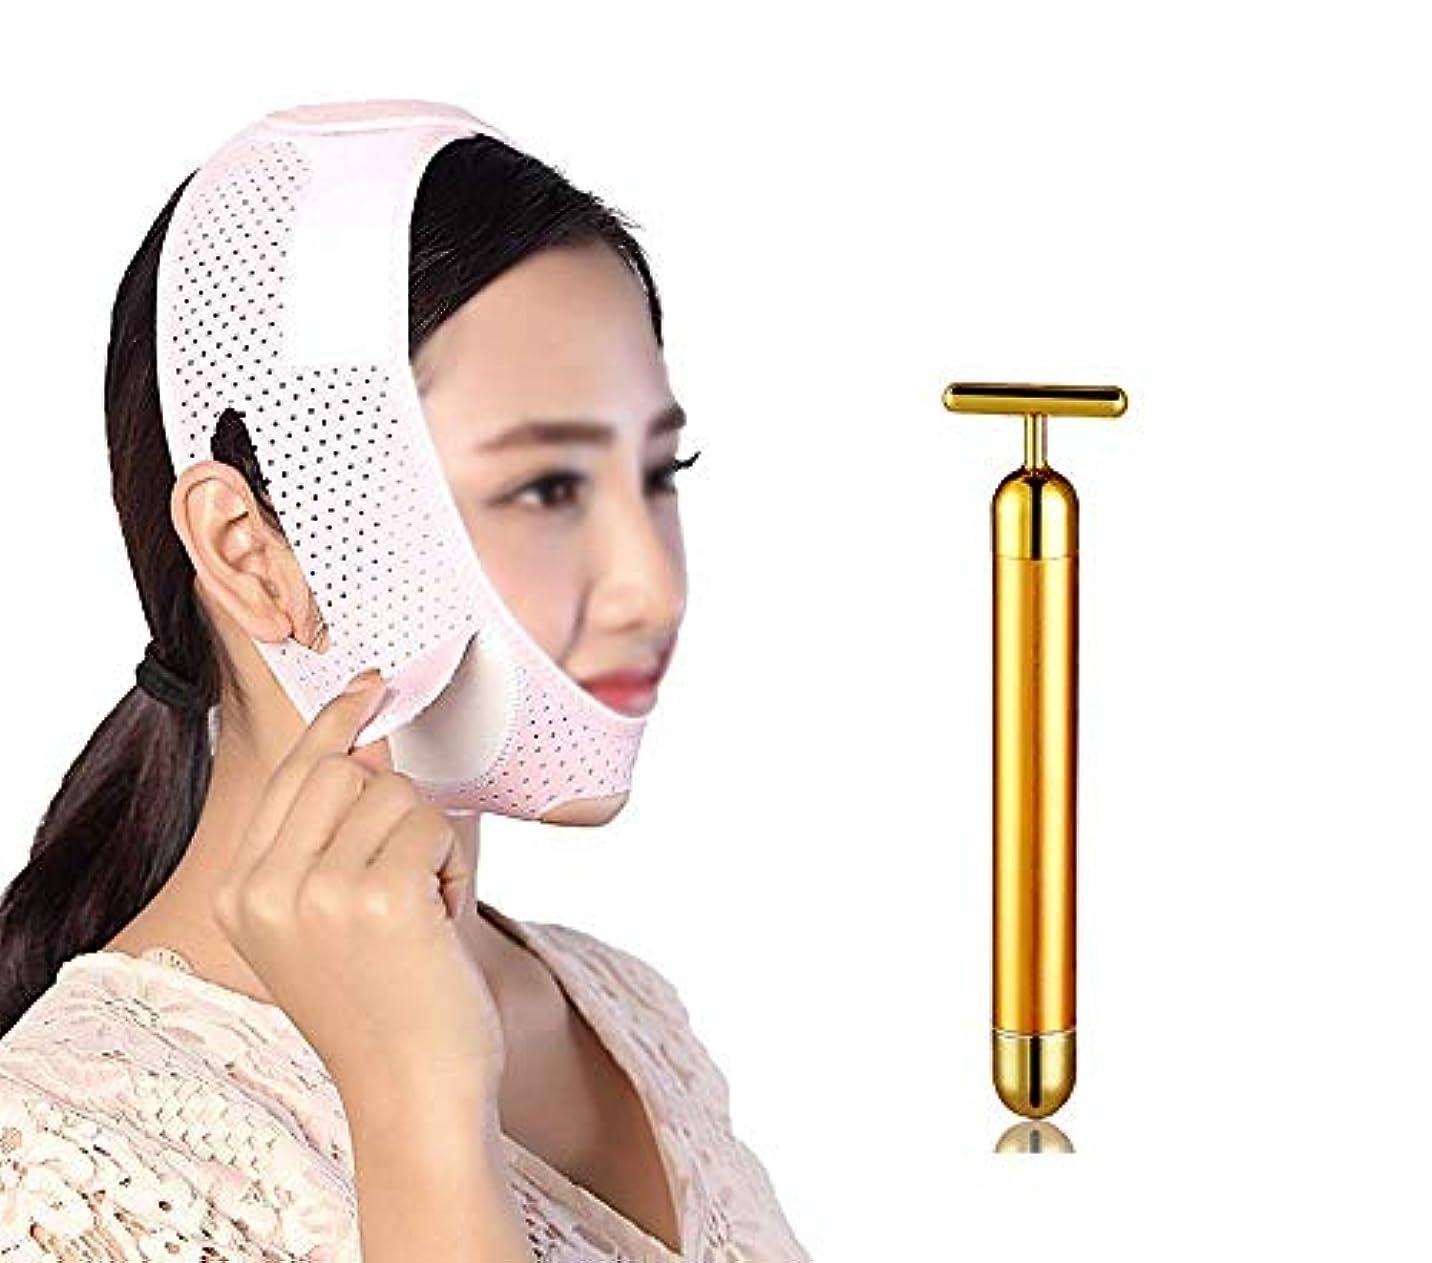 スノーケル銀河慣性顔と首を持ち上げる術後弾性セットVフェイスマスクは、チンV顔アーティファクト回復サポートベルトの収縮の調整を強化します。